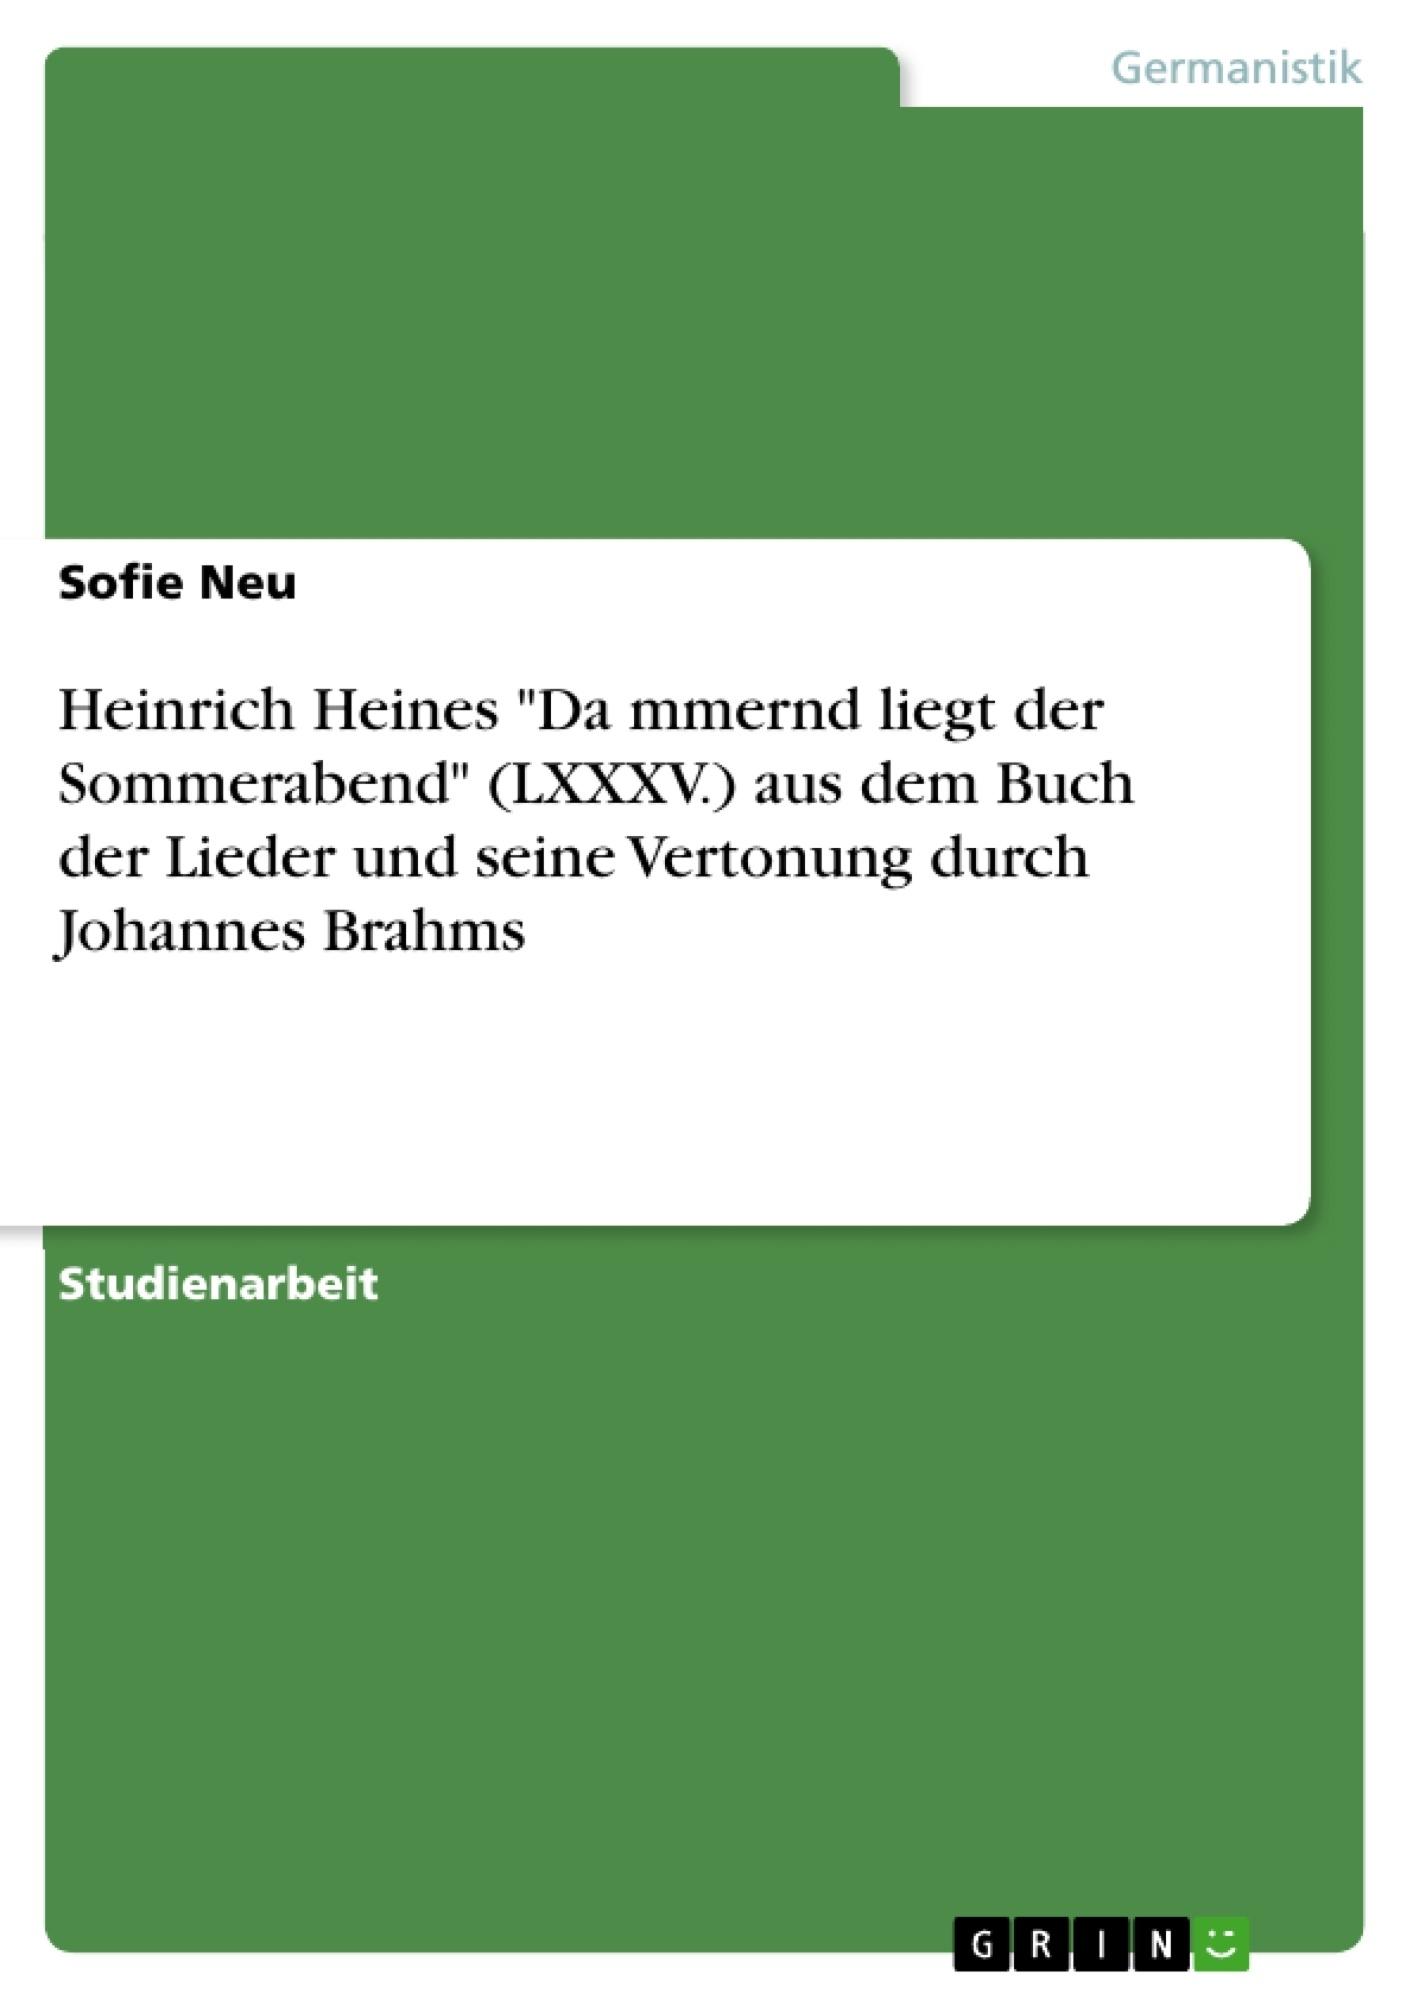 """Titel: Heinrich Heines """"Dämmernd liegt der Sommerabend"""" (LXXXV.) aus dem Buch der Lieder und seine Vertonung durch Johannes Brahms"""